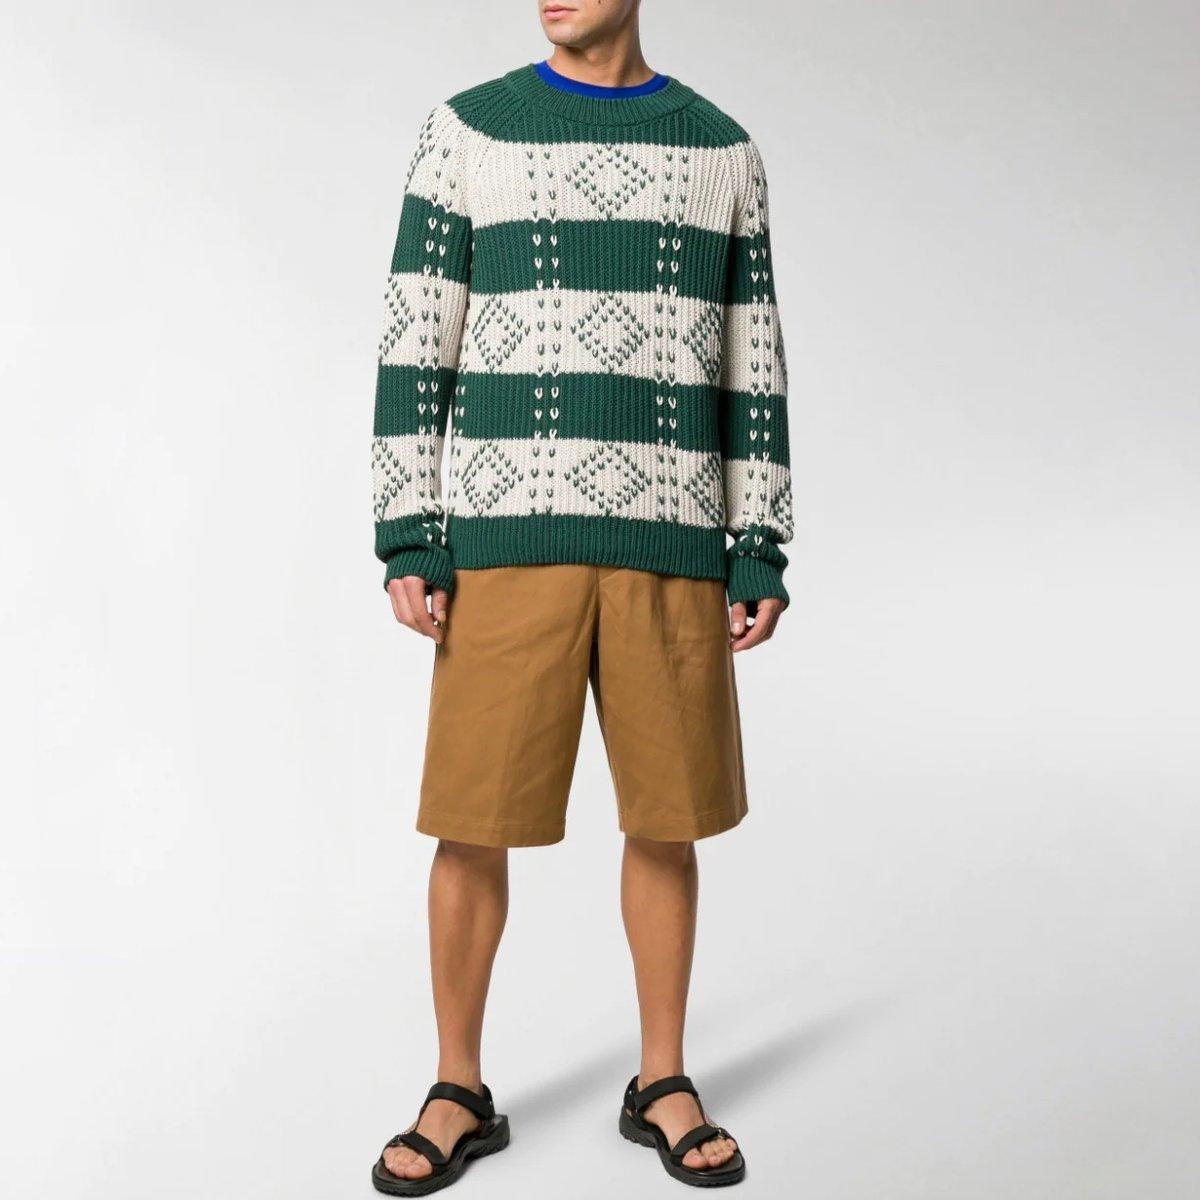 dries-van-noten-striped-knit-jumper_13658805_16670732_1000.jpg